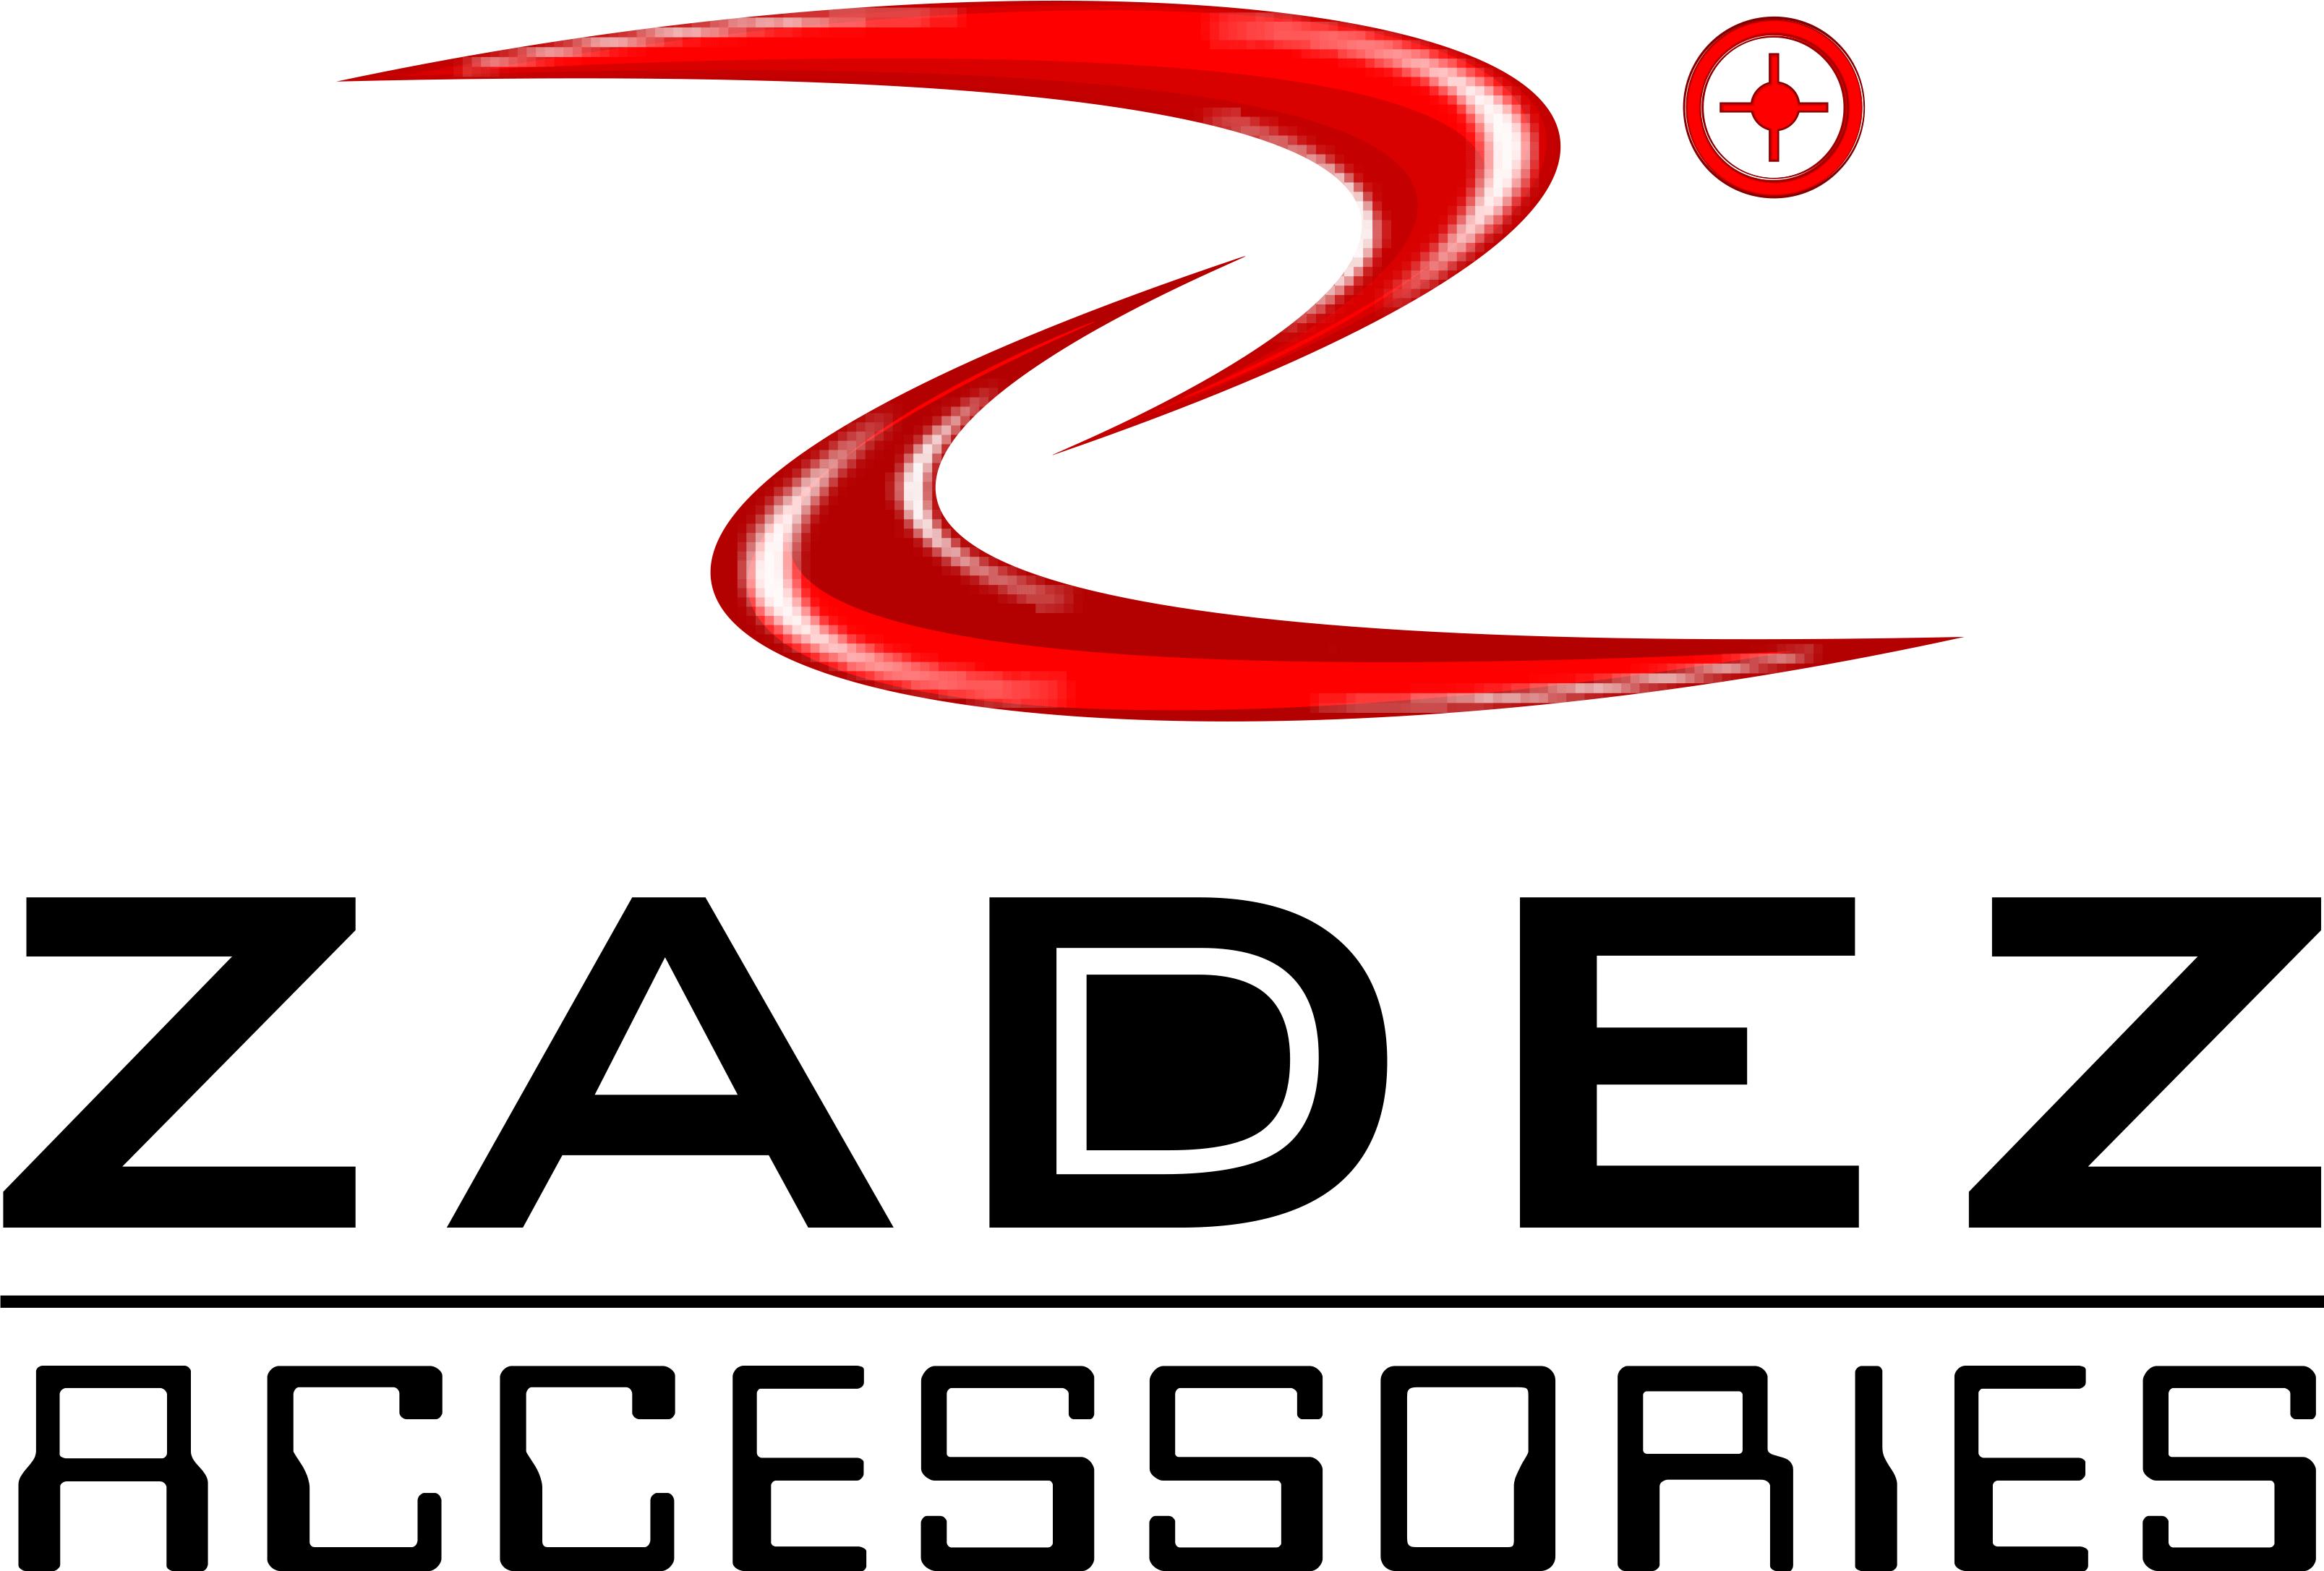 Zadez